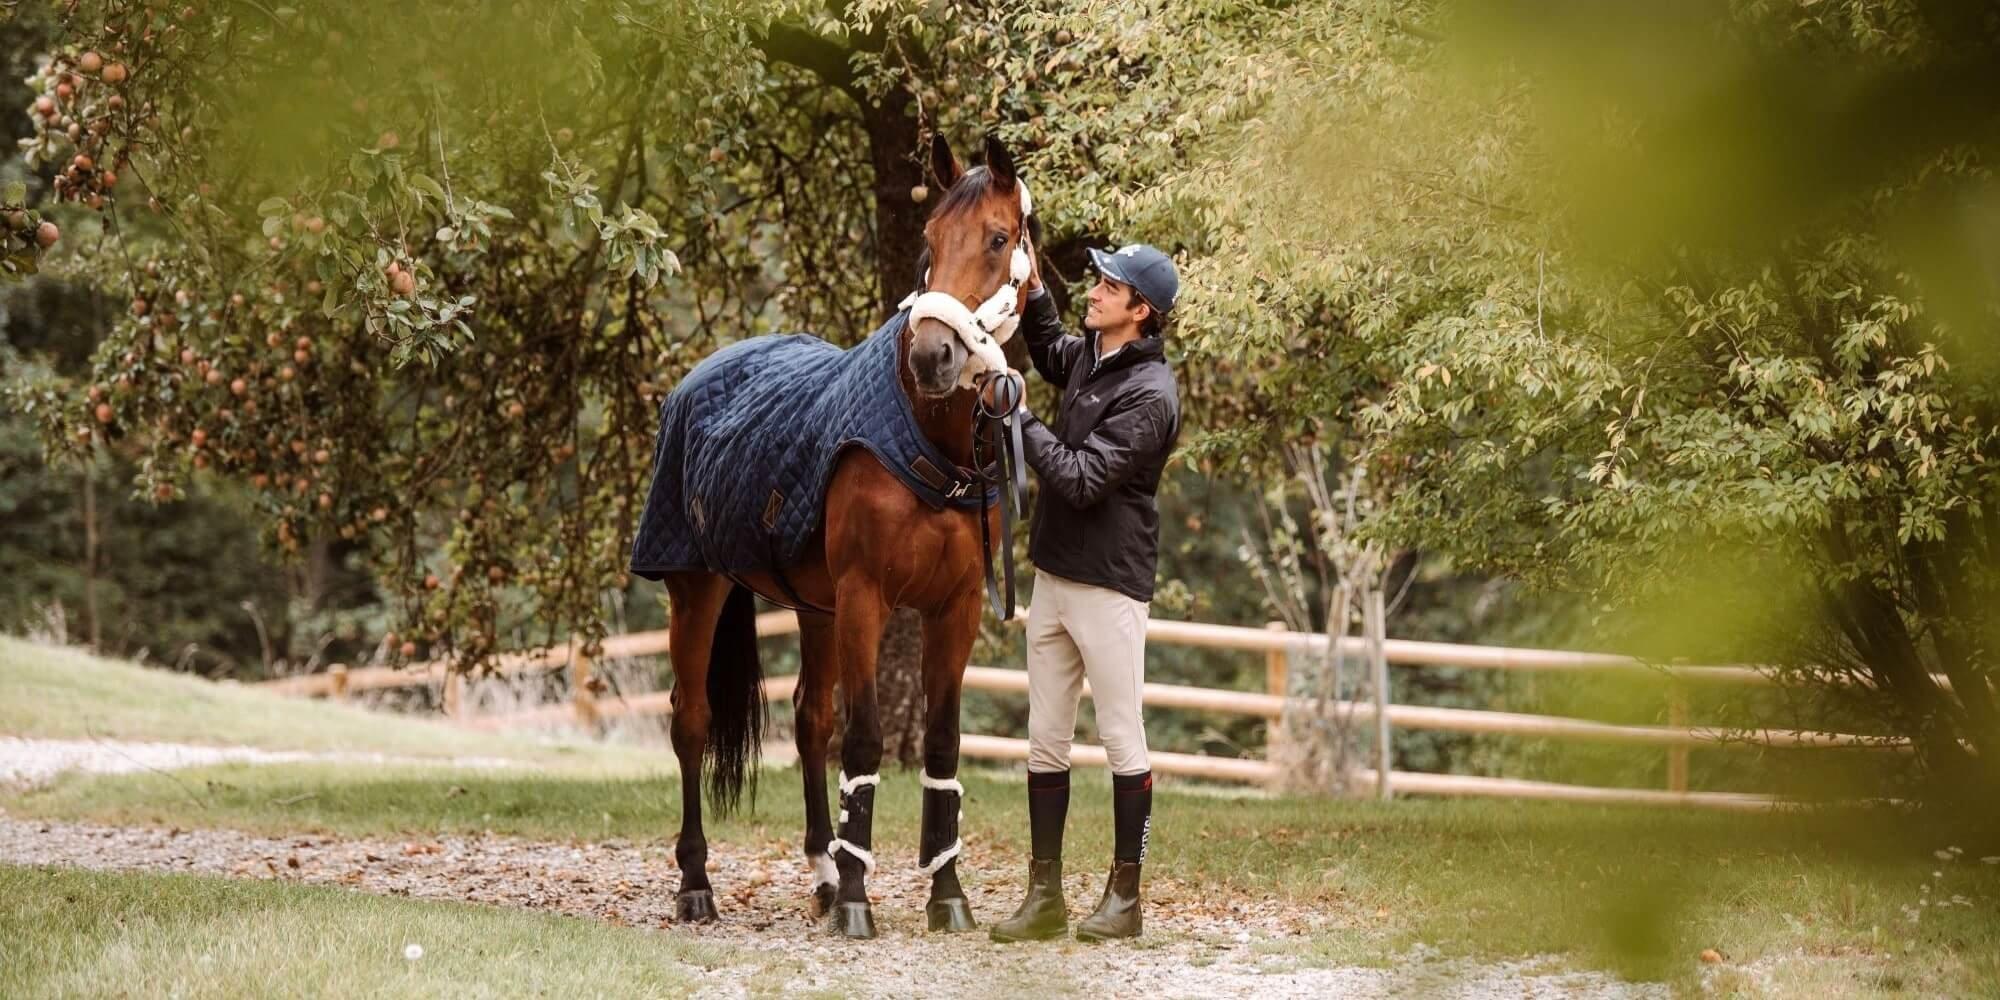 Winterdecke, Abschwitzdecke und Co. für Pferde - So trotzt ihr den kalten Temperaturen